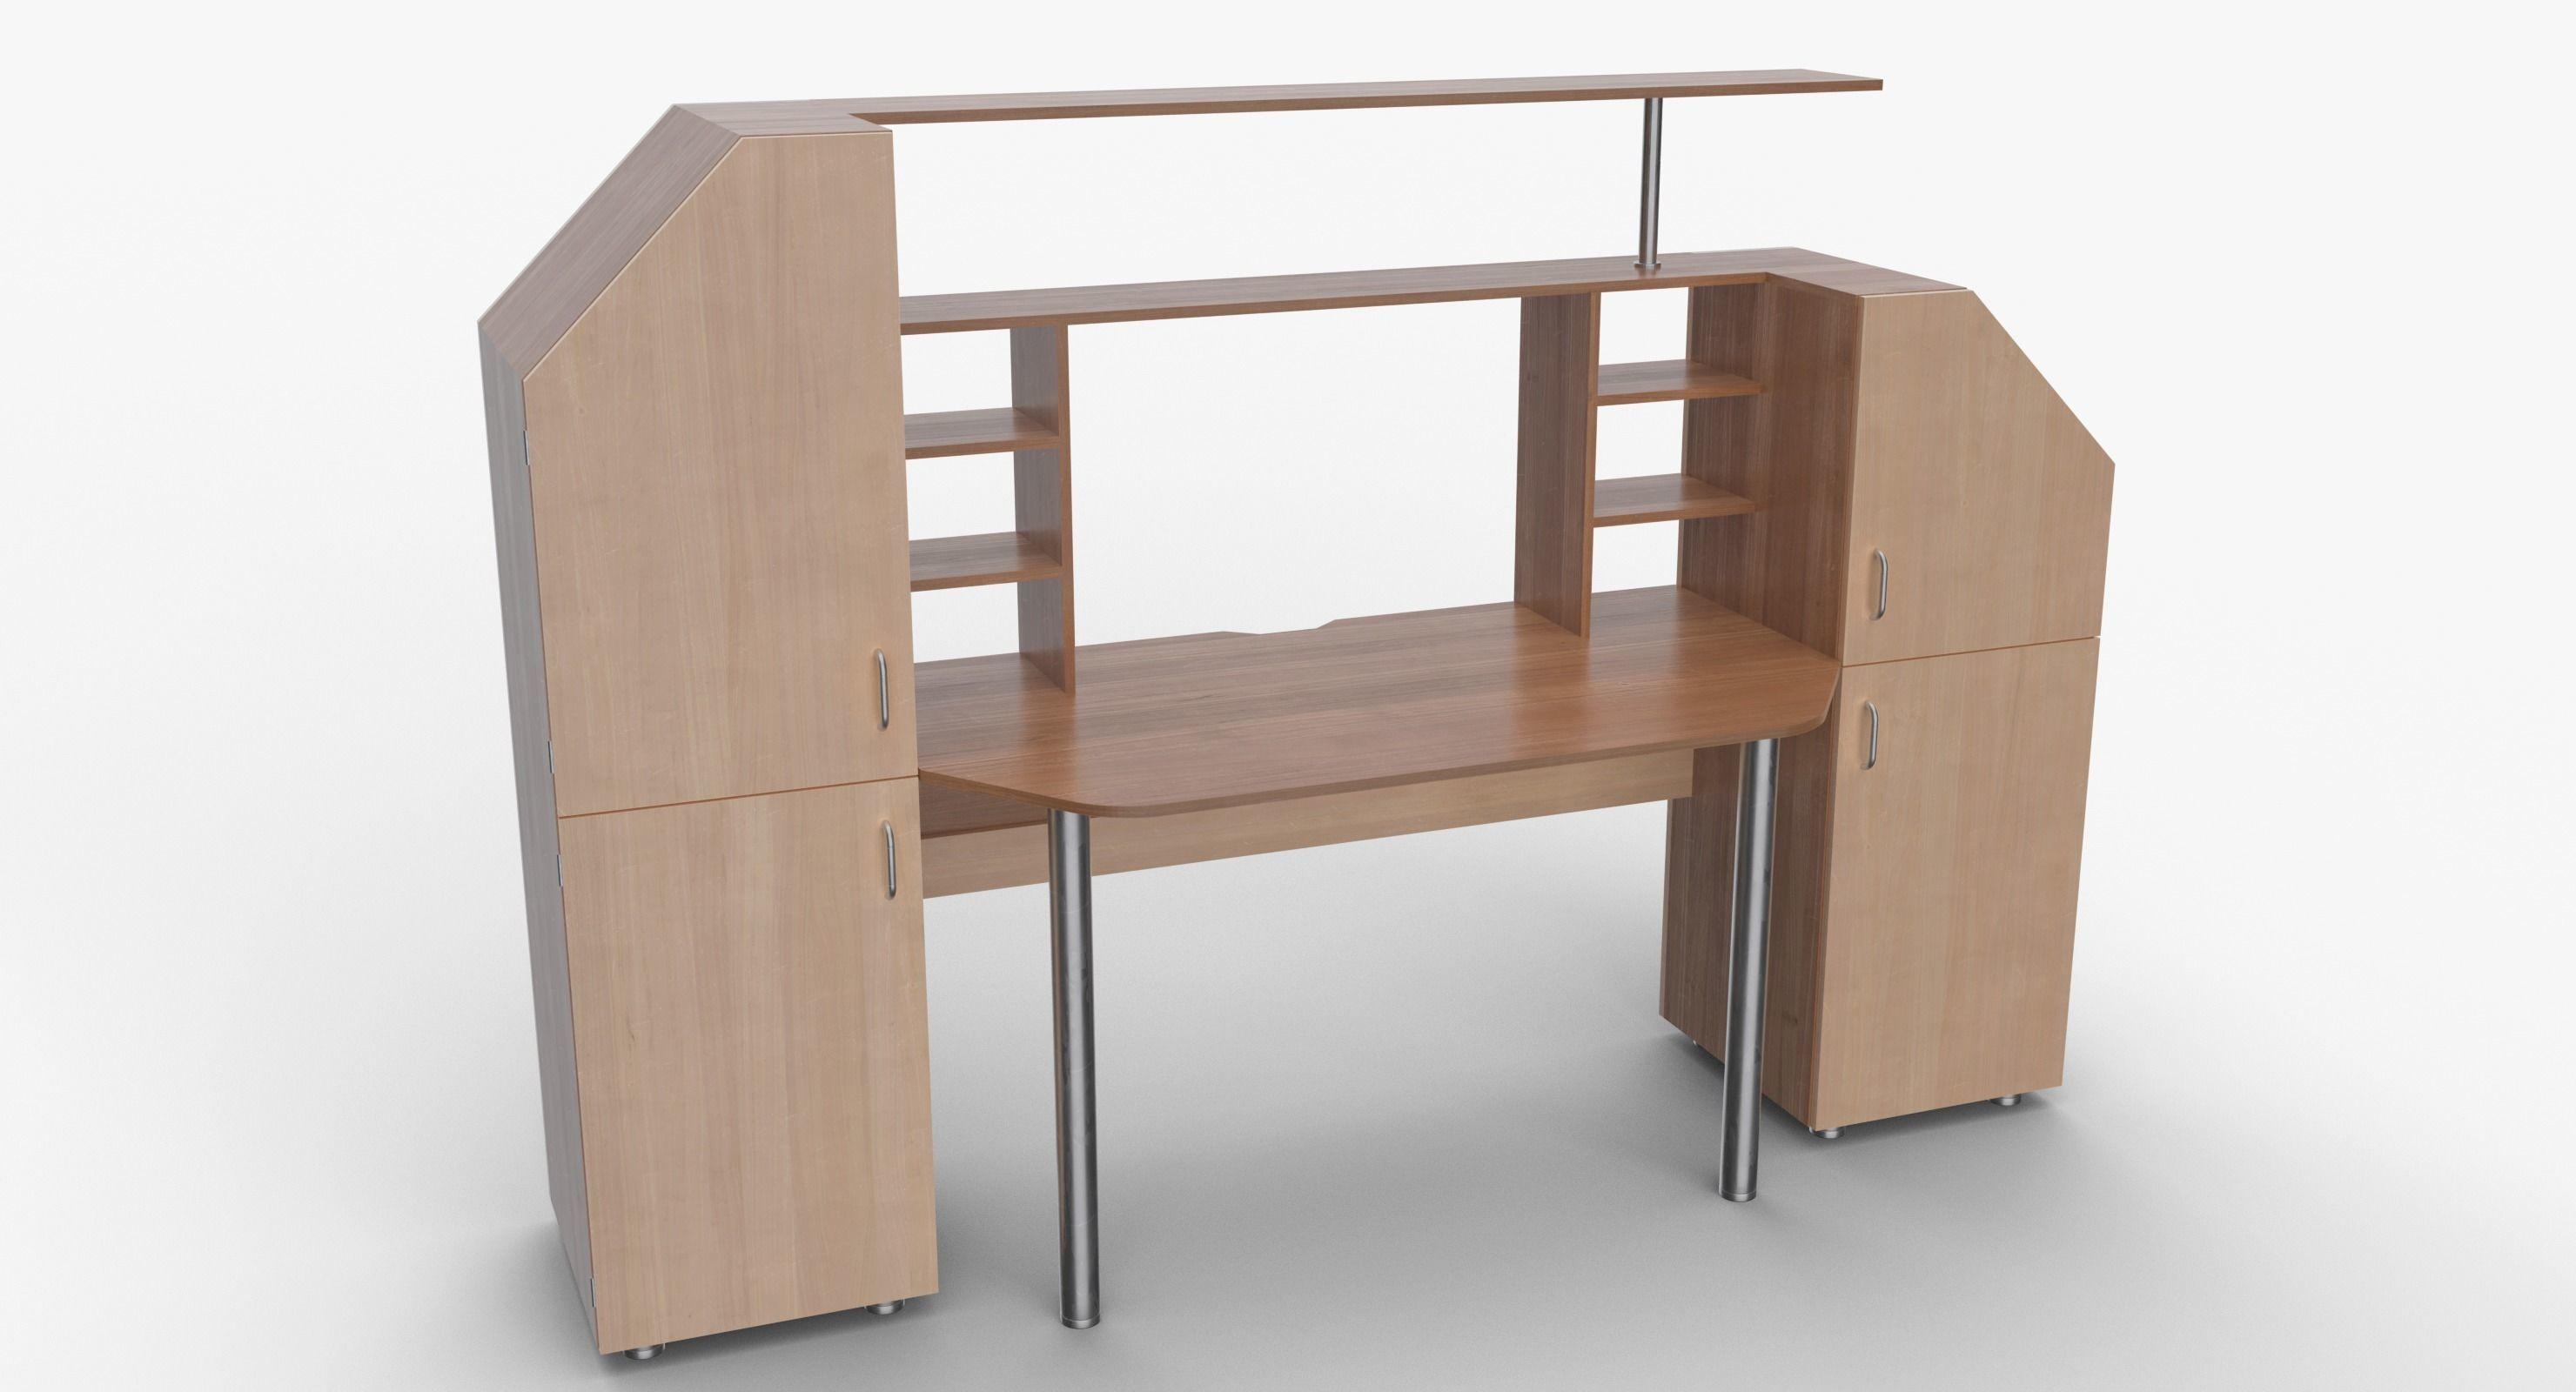 Computer Desk Wall 3d Model Obj 3ds Fbx Mtl 1